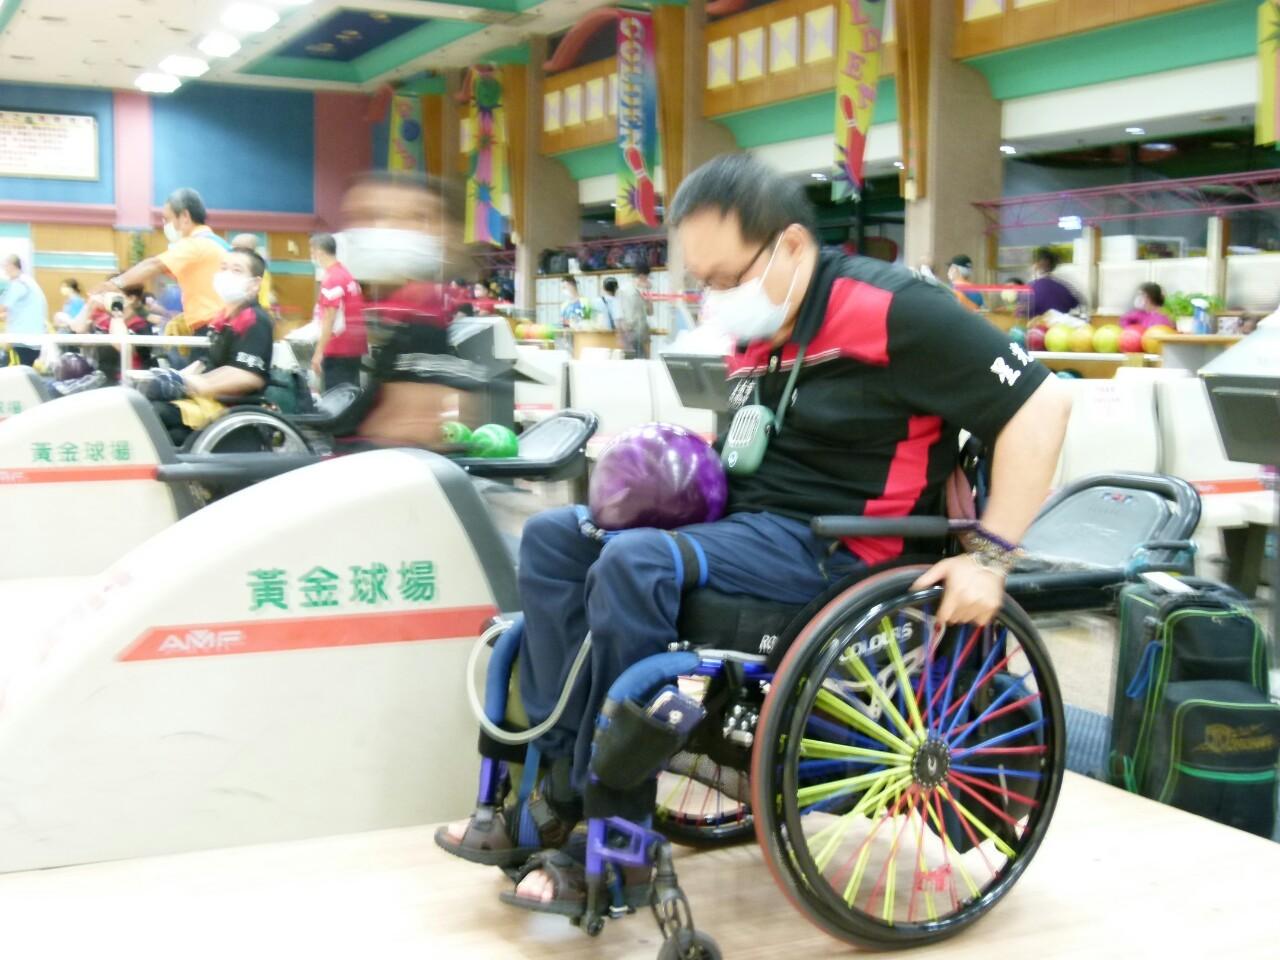 110年度公益活動臺南市西藥盃身心障礙者保齡球賽於黃金保齡球館舉行。_210830_50